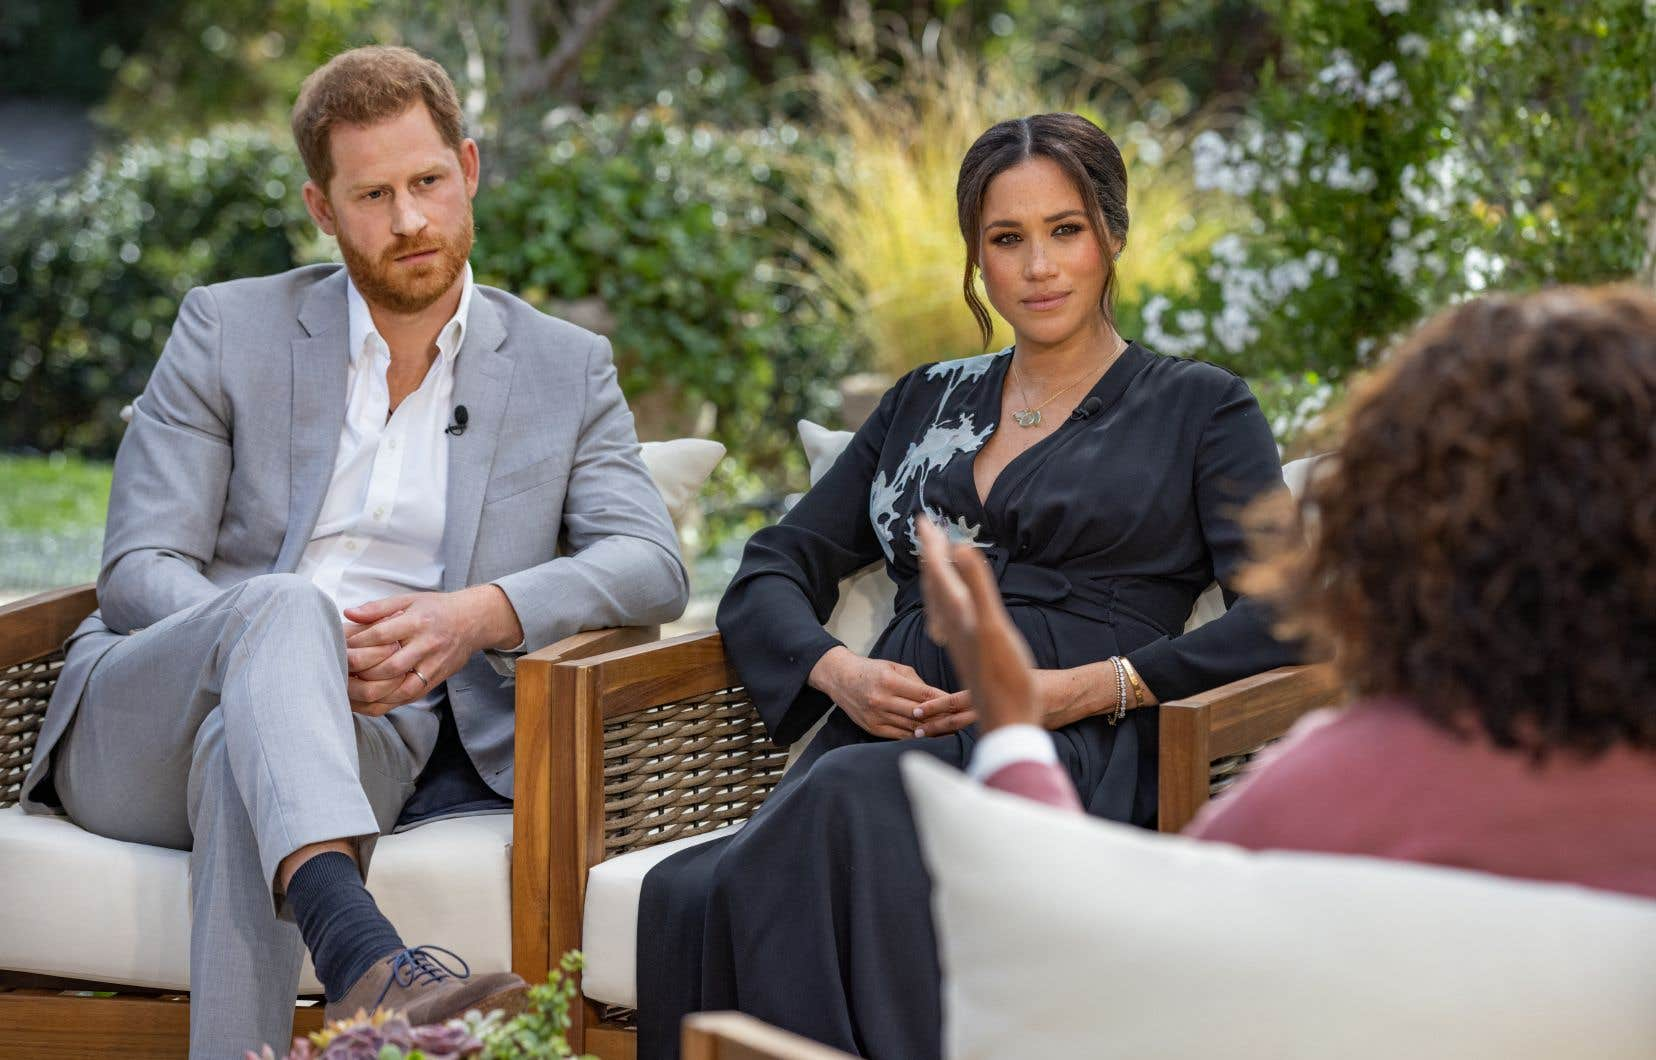 Les confidences duprince Harry et de Meghan Markle à Oprah Winfrey sont la cause de cette récente chute de popularité, de l'avis du sondeur.